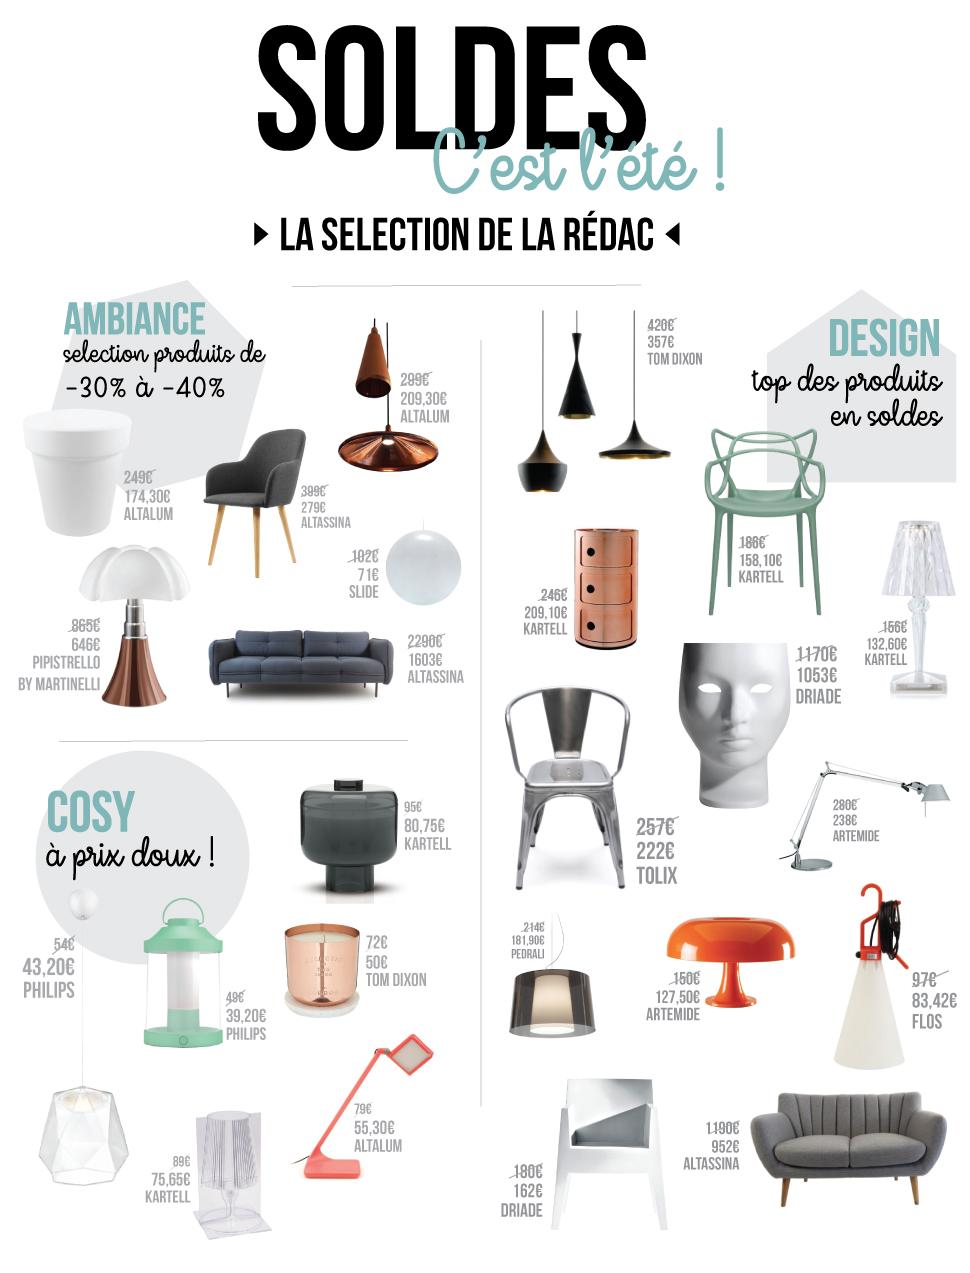 soldes la selection voltex. Black Bedroom Furniture Sets. Home Design Ideas